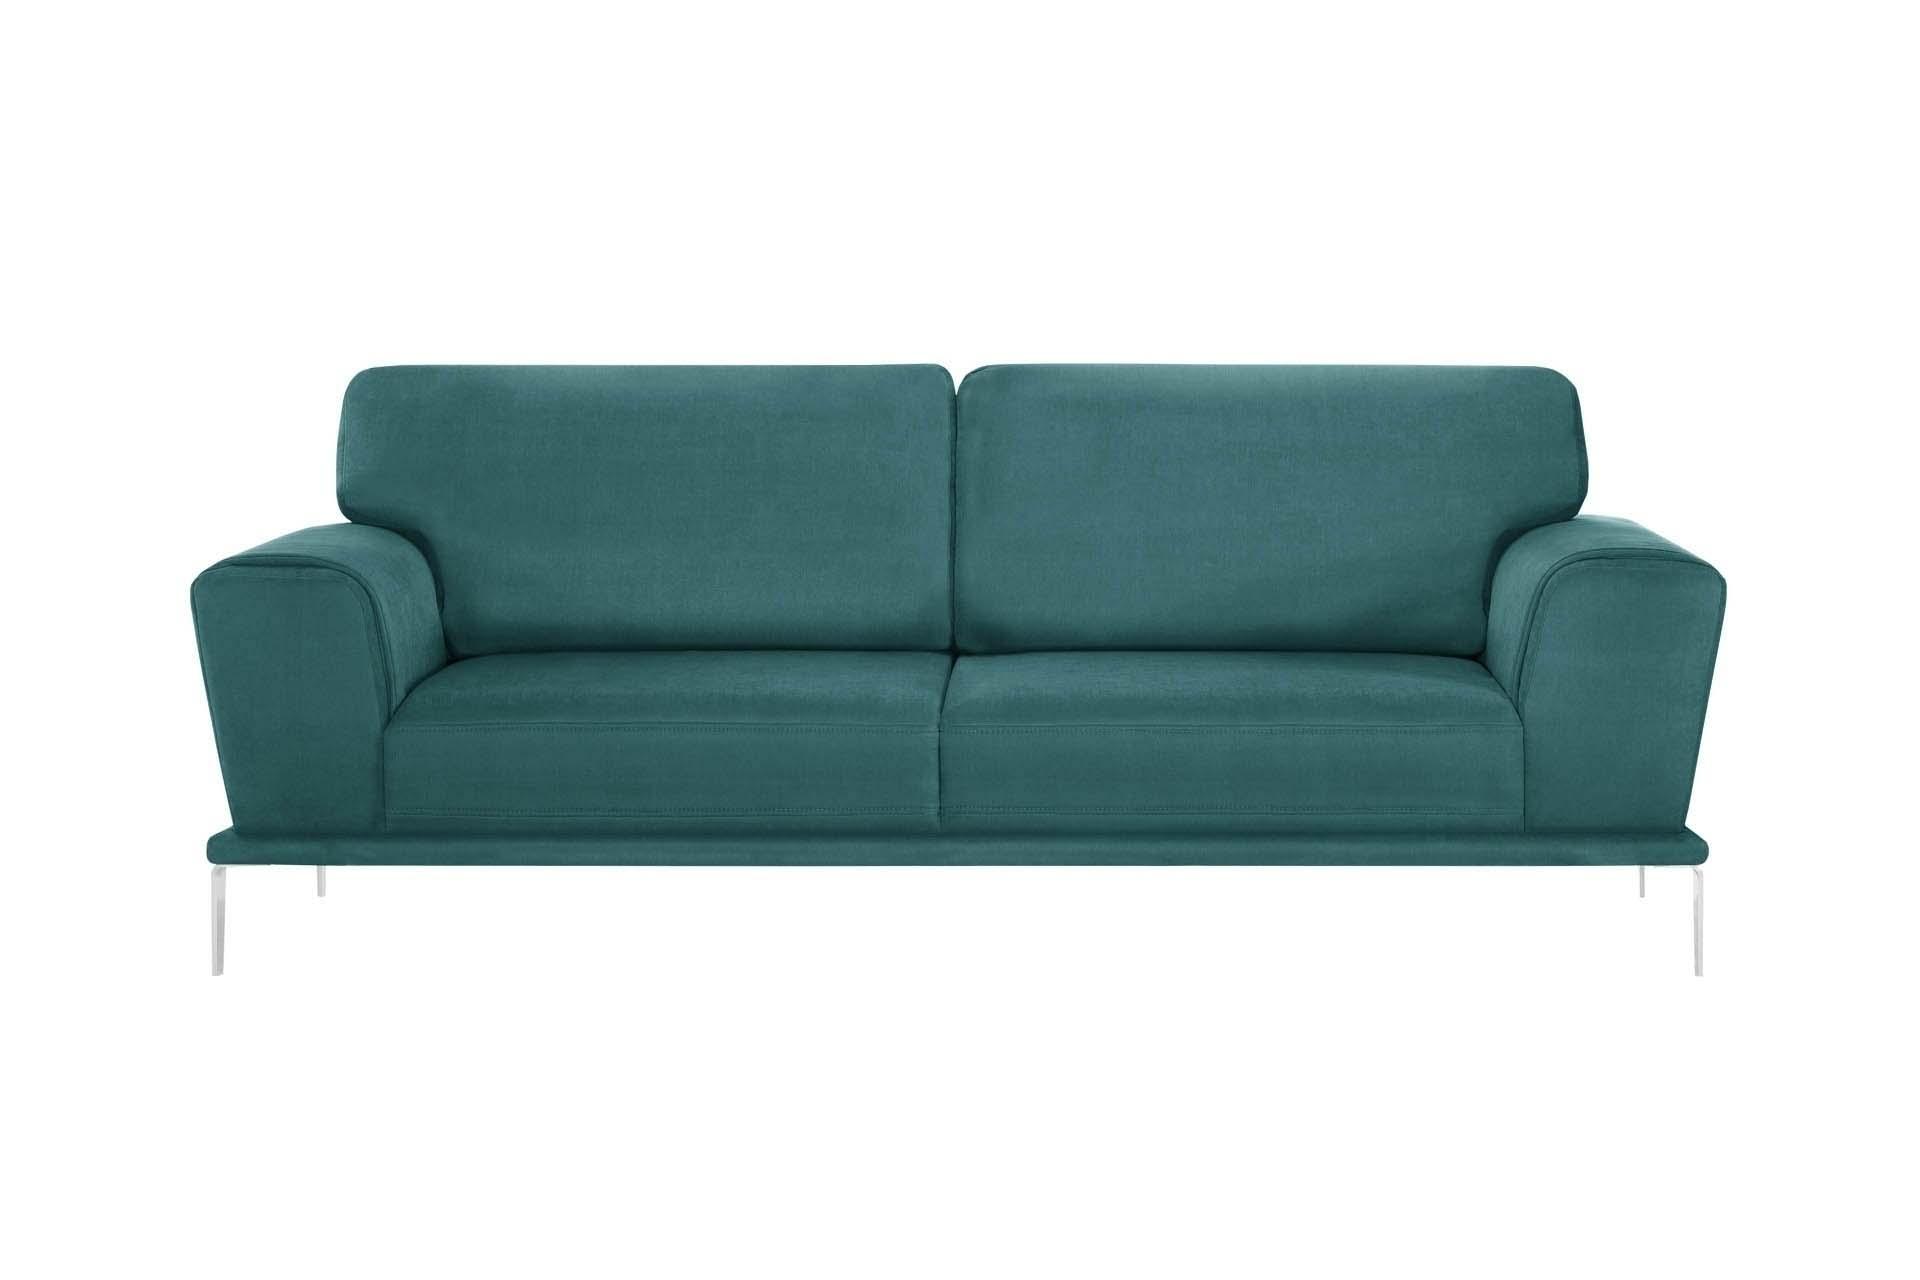 Canapé 3 places toucher coton turquoise